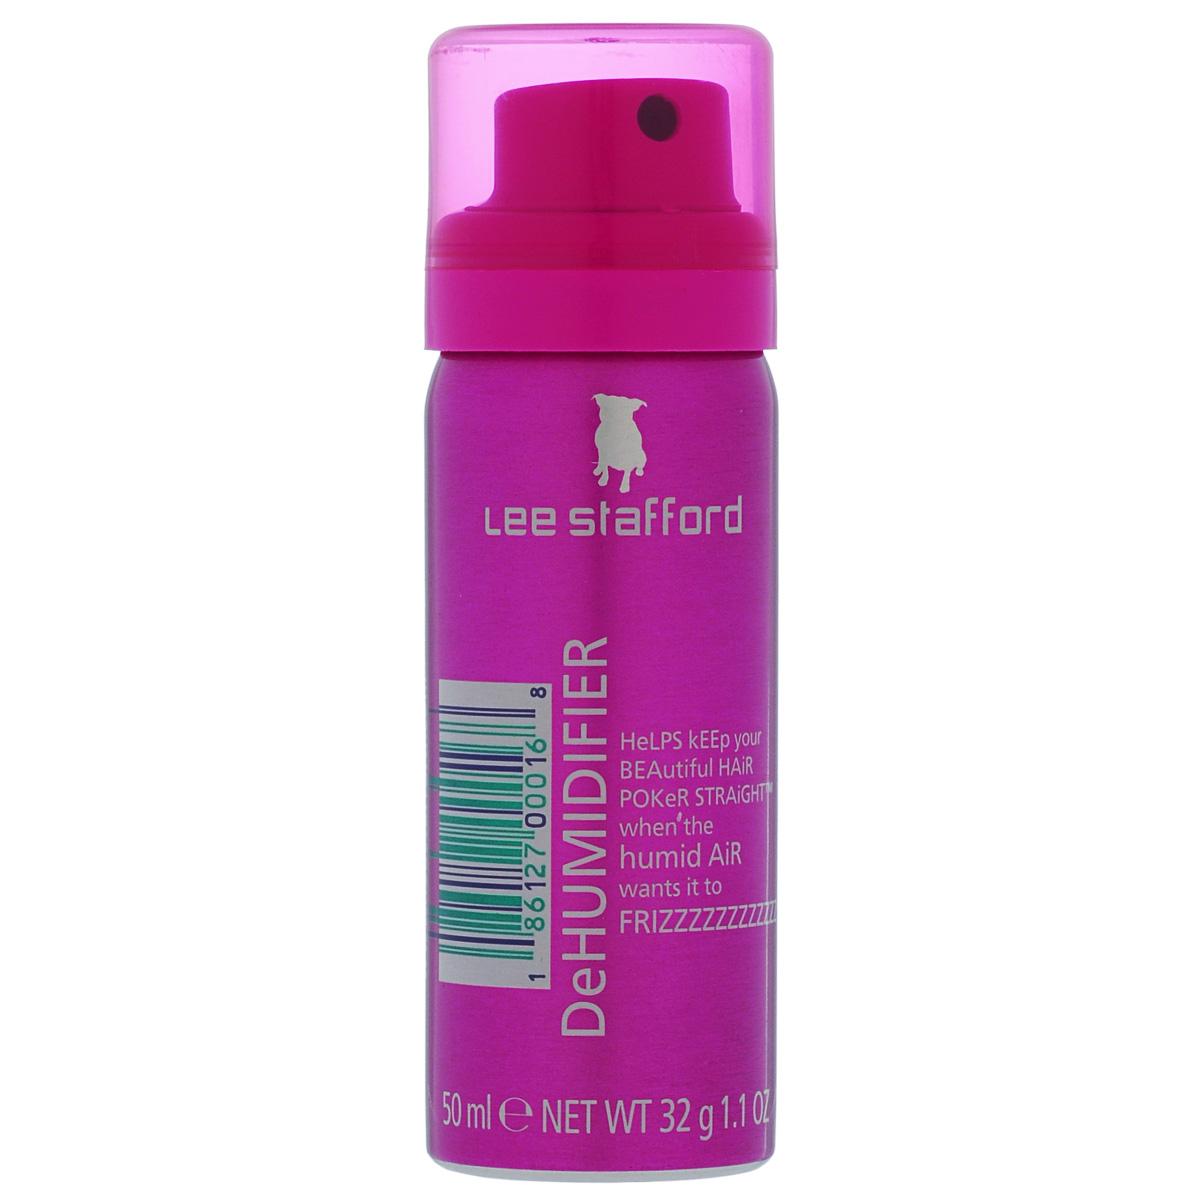 Lee Stafford Спрей для предотвращения завивания волос Poker Straight Mini, 50 млFS-00897400403 Lee Stafford Спрей для предотвращения завивания волос Poker Straight Dehumidifier, 50 мл. Даже под воздействием влажного воздуха, ваши волосы остаются прямыми! Это настоящий «зонтик» для ваших волос. Благодаря входящим в состав компонентам, обеспечивается легкое и эффективное воздействие на волосы, предотвращая их завивание. Распыляйте с расстояния 30-50 см по всей поверхности волос передспортом, прогоулкой, перед тем, как лечь спать